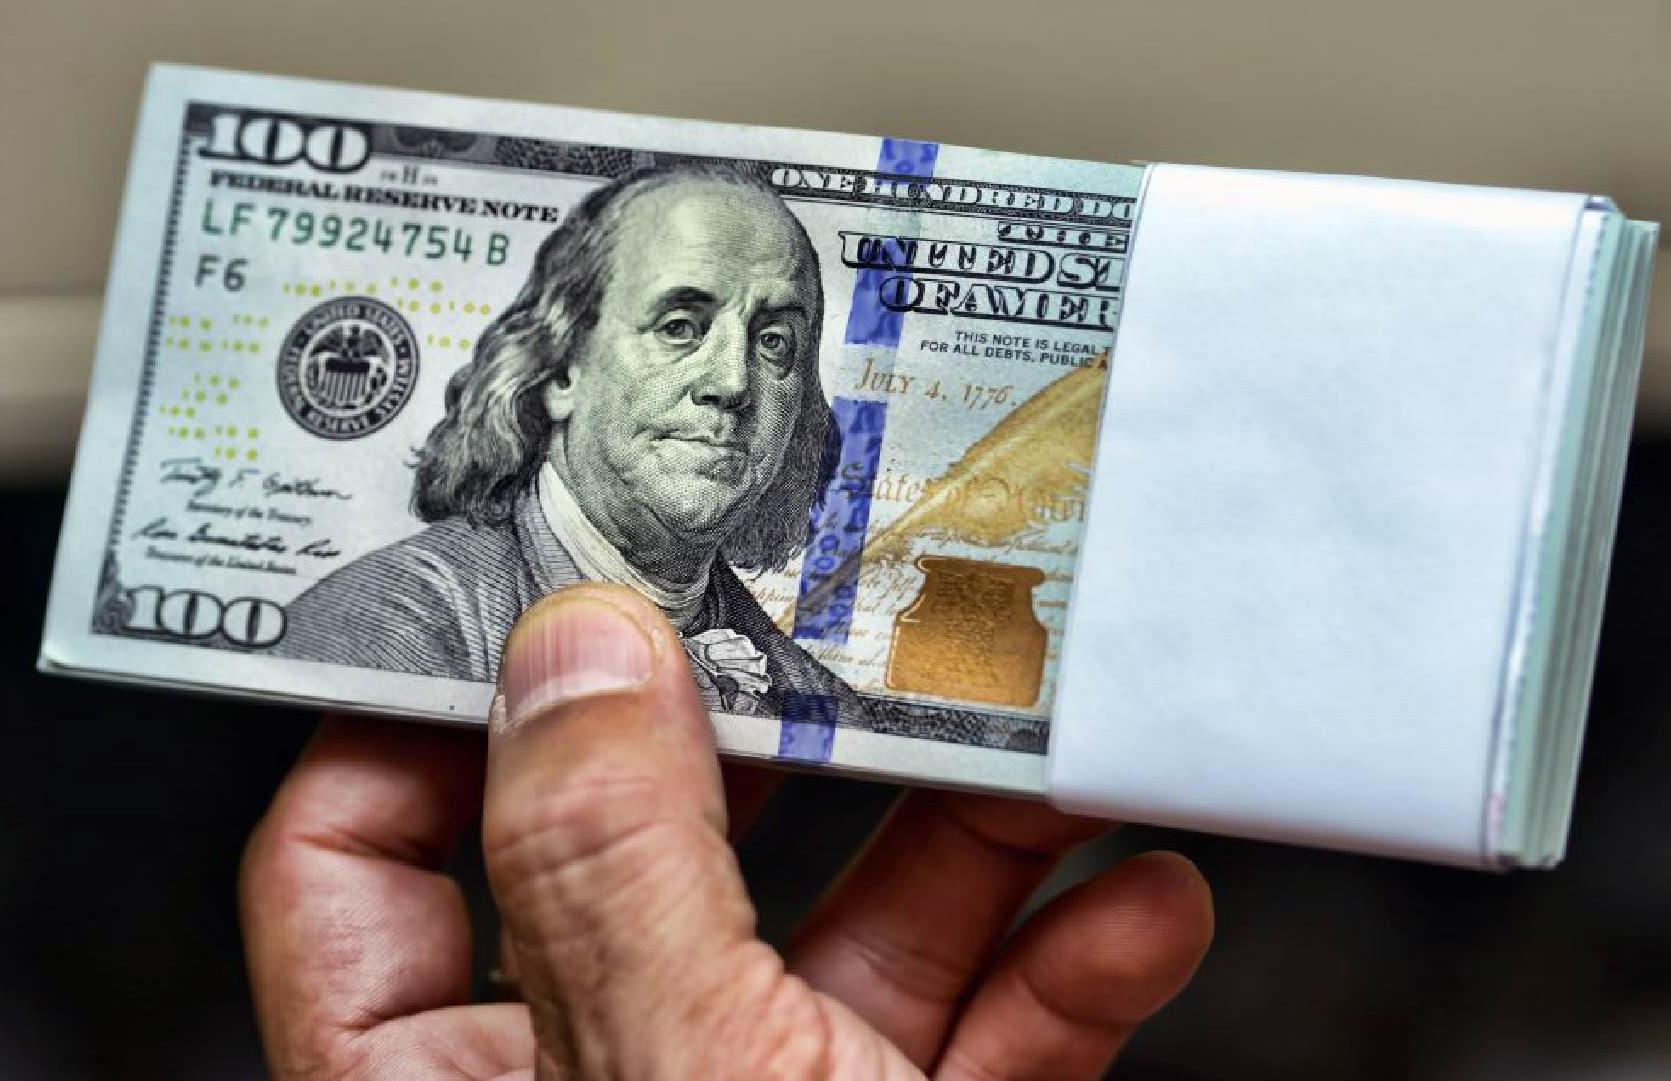 تراجع سعر الدولار اليوم الأربعاء 8 يوليو 2020 في البنوك المصرية والأجنبية